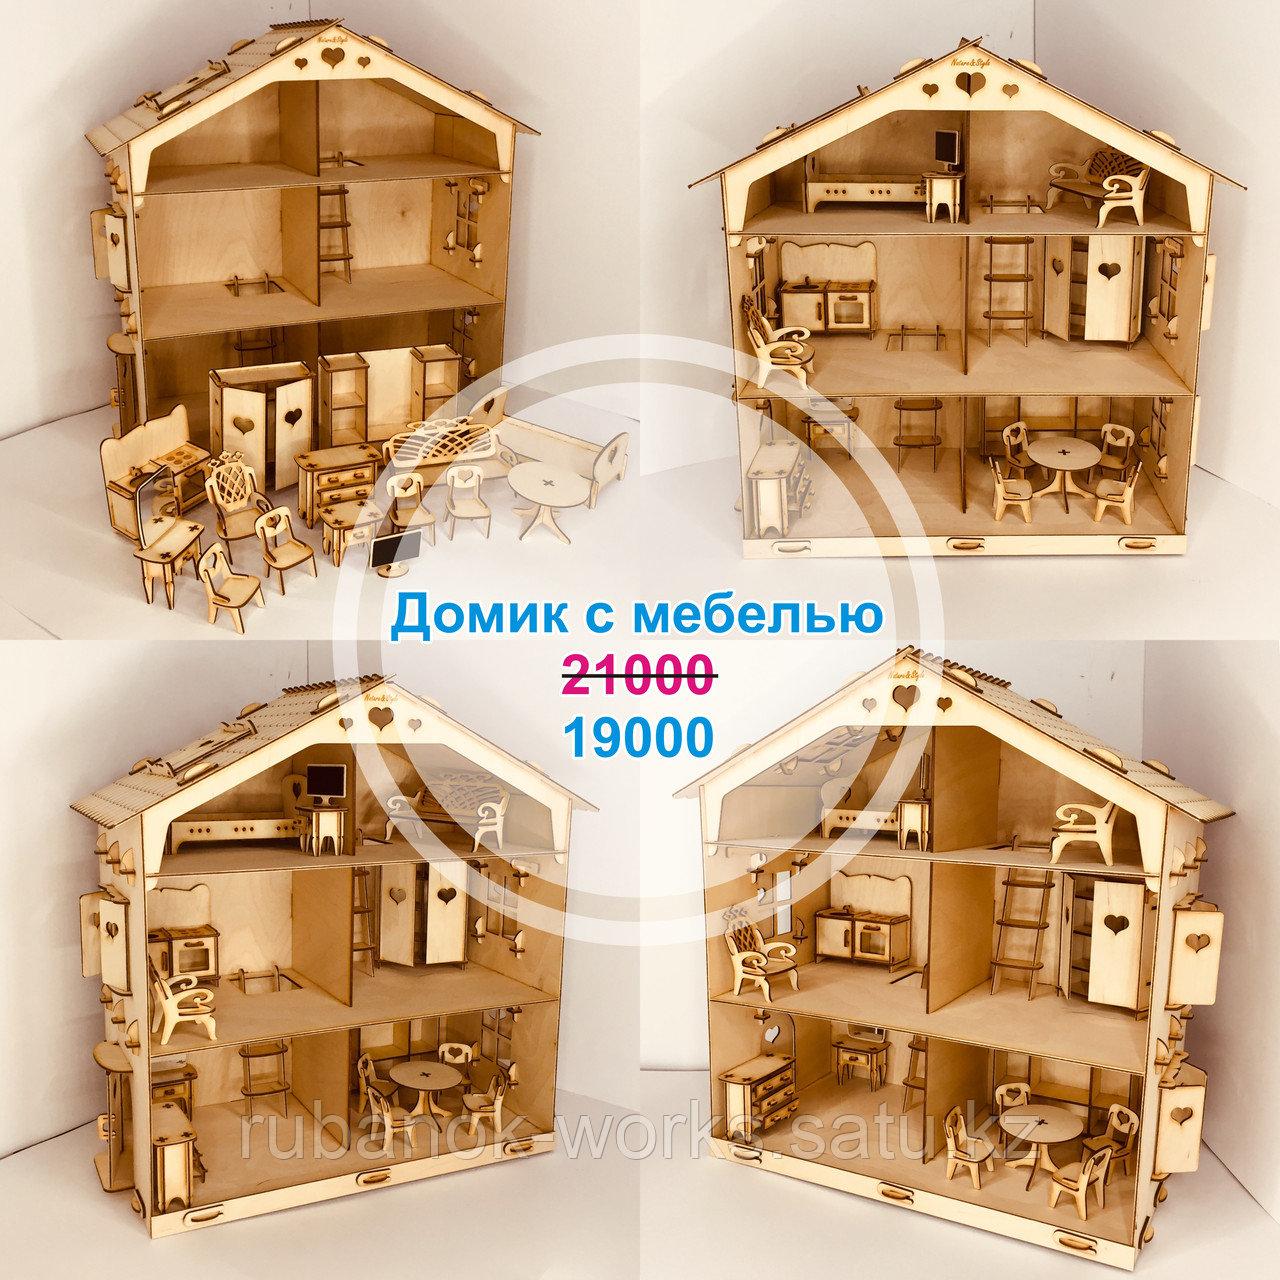 Домик для кукол, Кукольный Домик, Игровой домик с набором кукольной мебели из 15 предметов